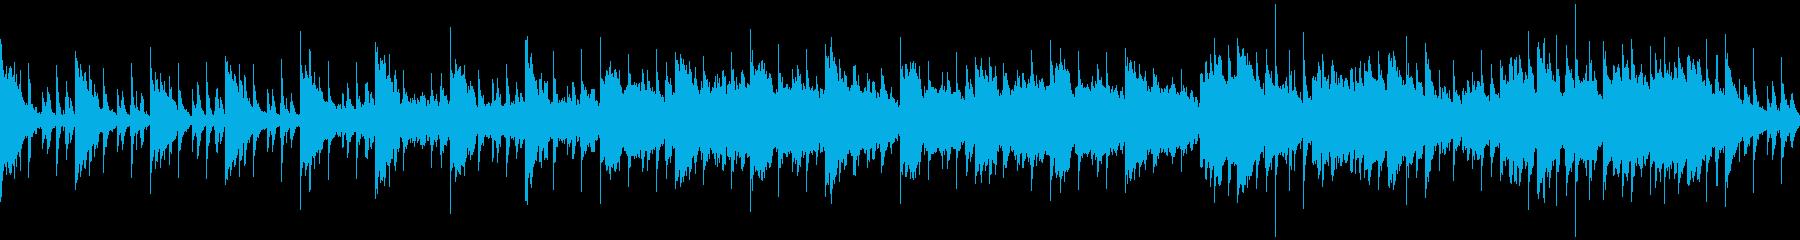 ファンタジー村48khz24bit版の再生済みの波形